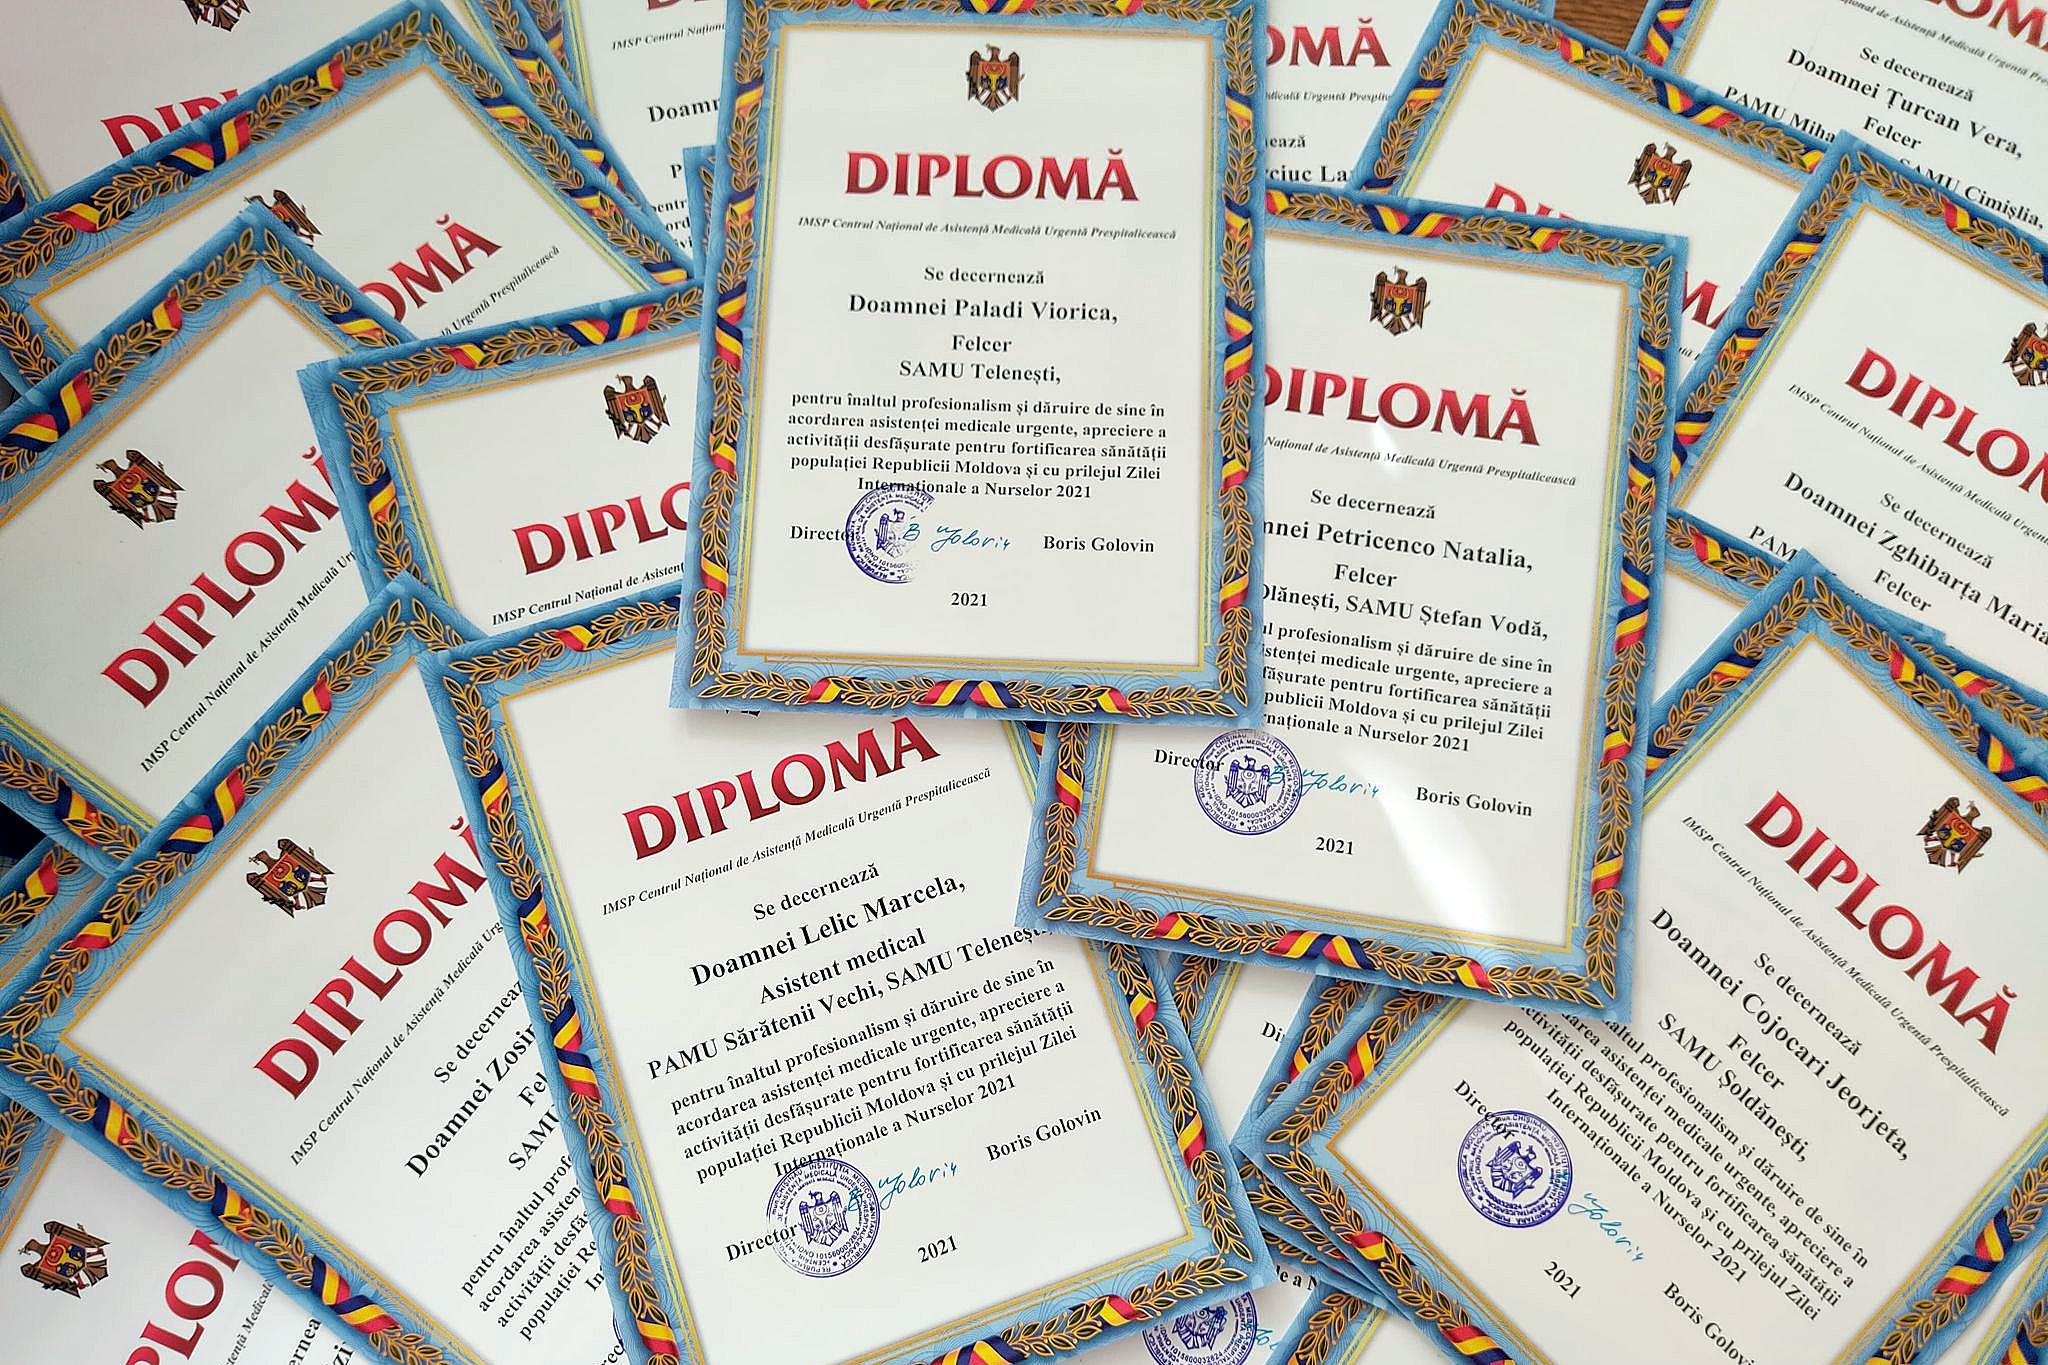 Diplome pentru cei mai apreciați asistenți medicali din cadrul IMSP CNAMUP